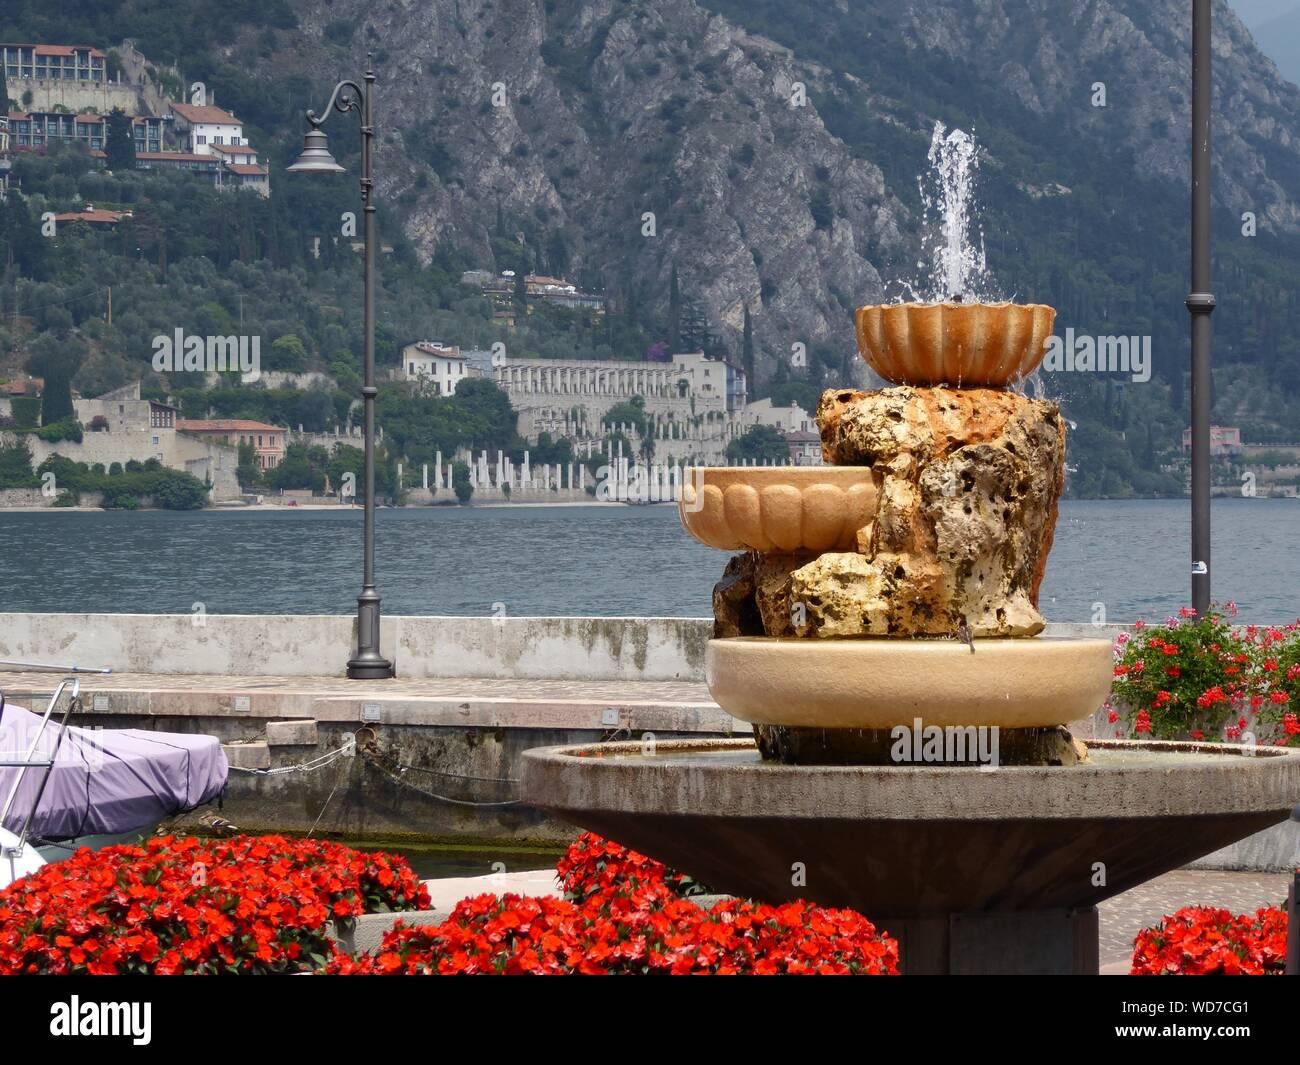 La Fontana sul lago di Garda contro la montagna Foto Stock